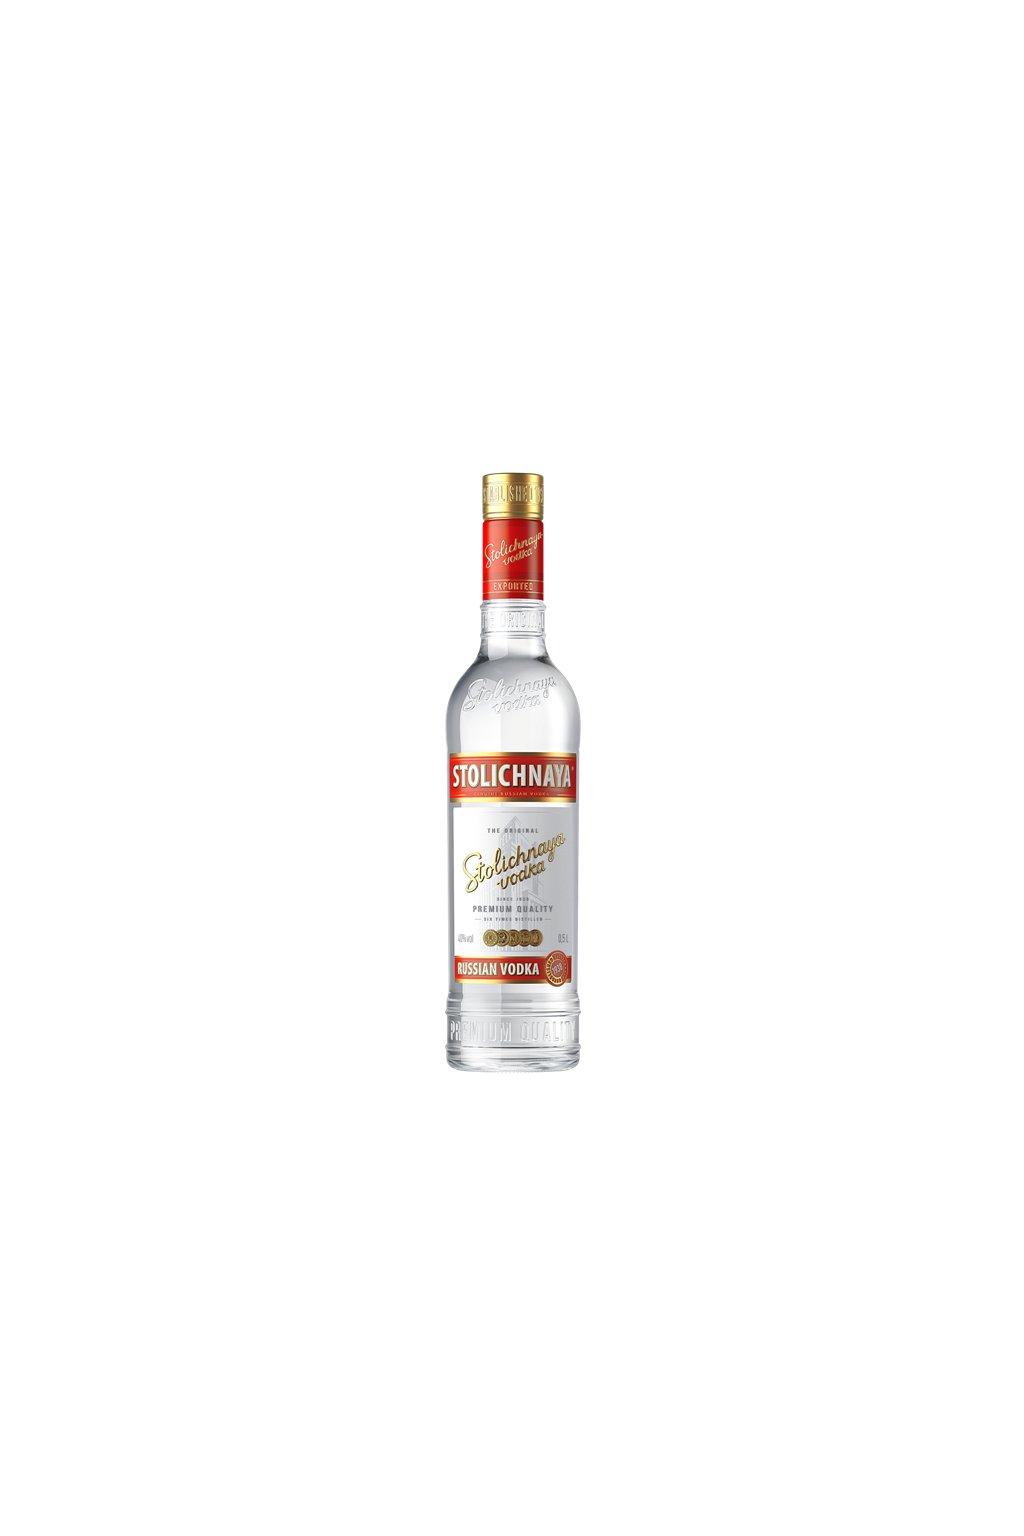 stolichnaya 0,7